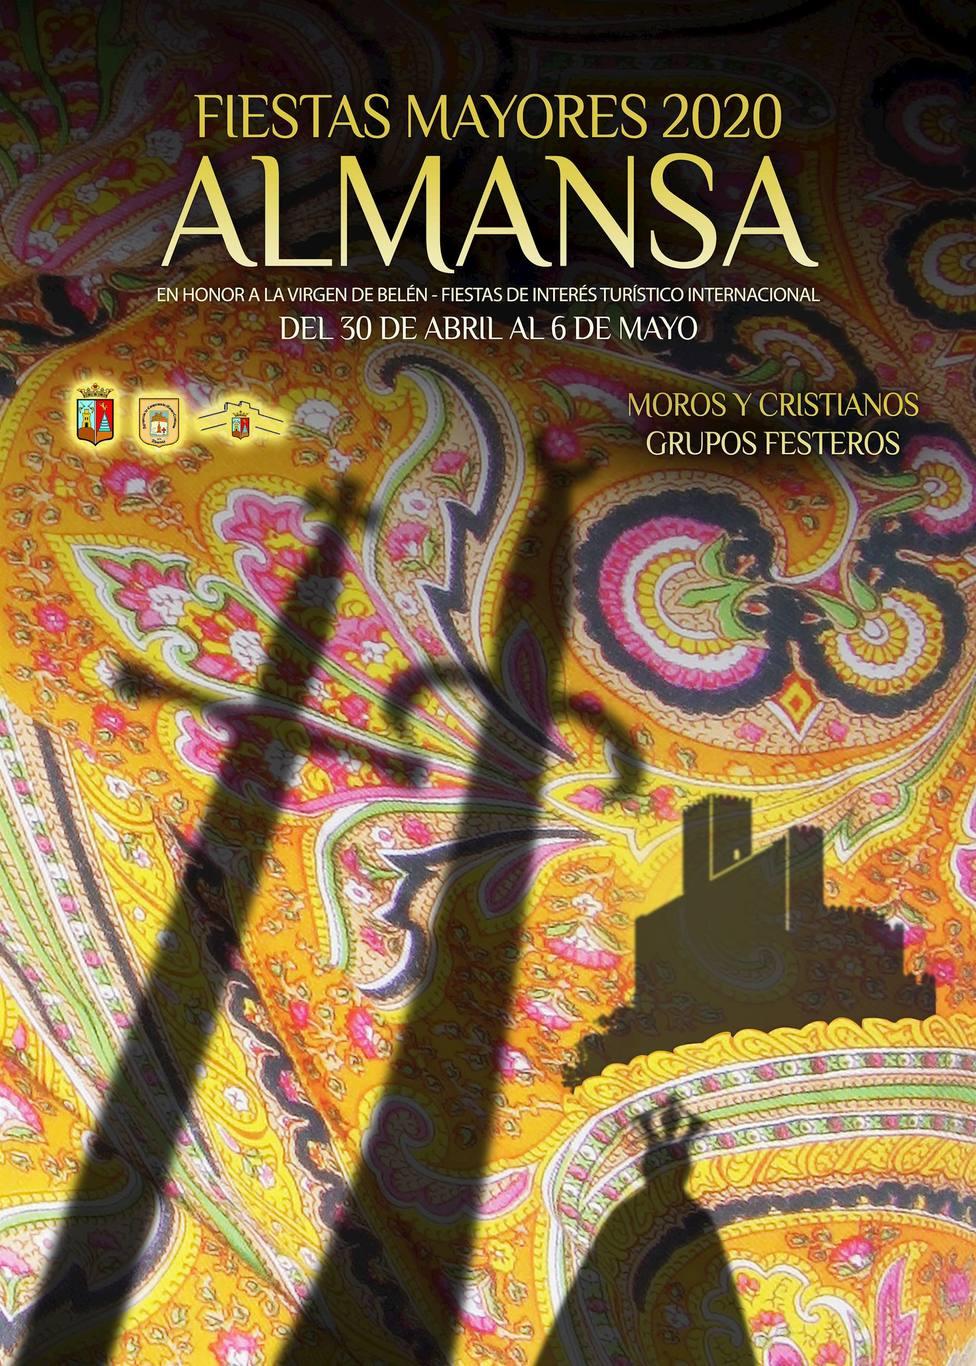 La obra Sombras de Rubén Lucas García de Torreagüera, cartel de las Fiestas Mayores de Almansa